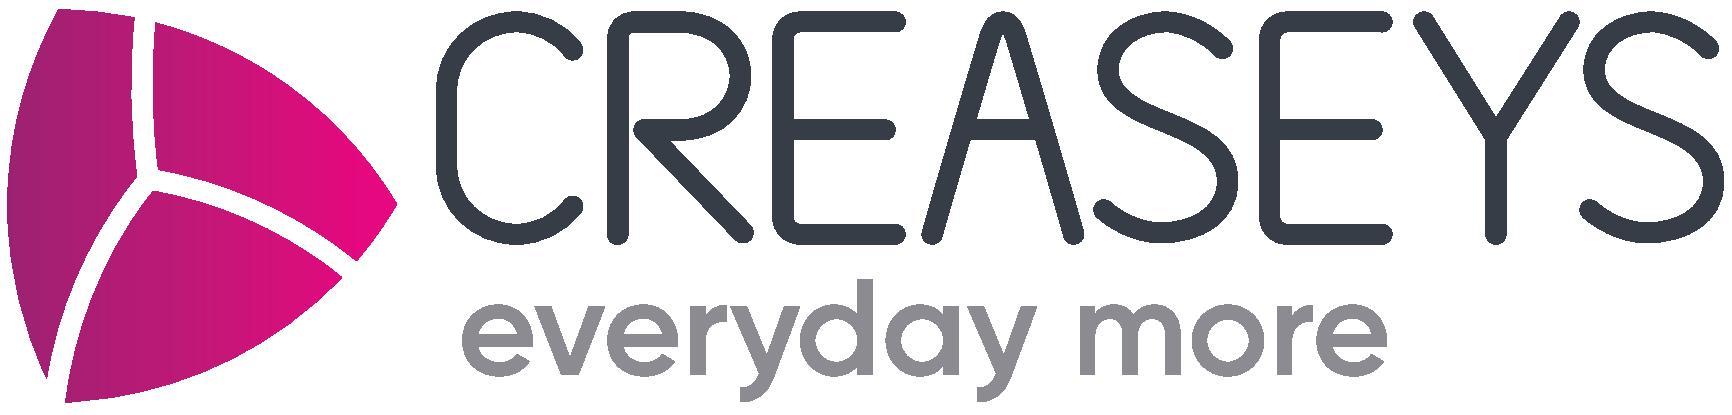 Creaseys Logo